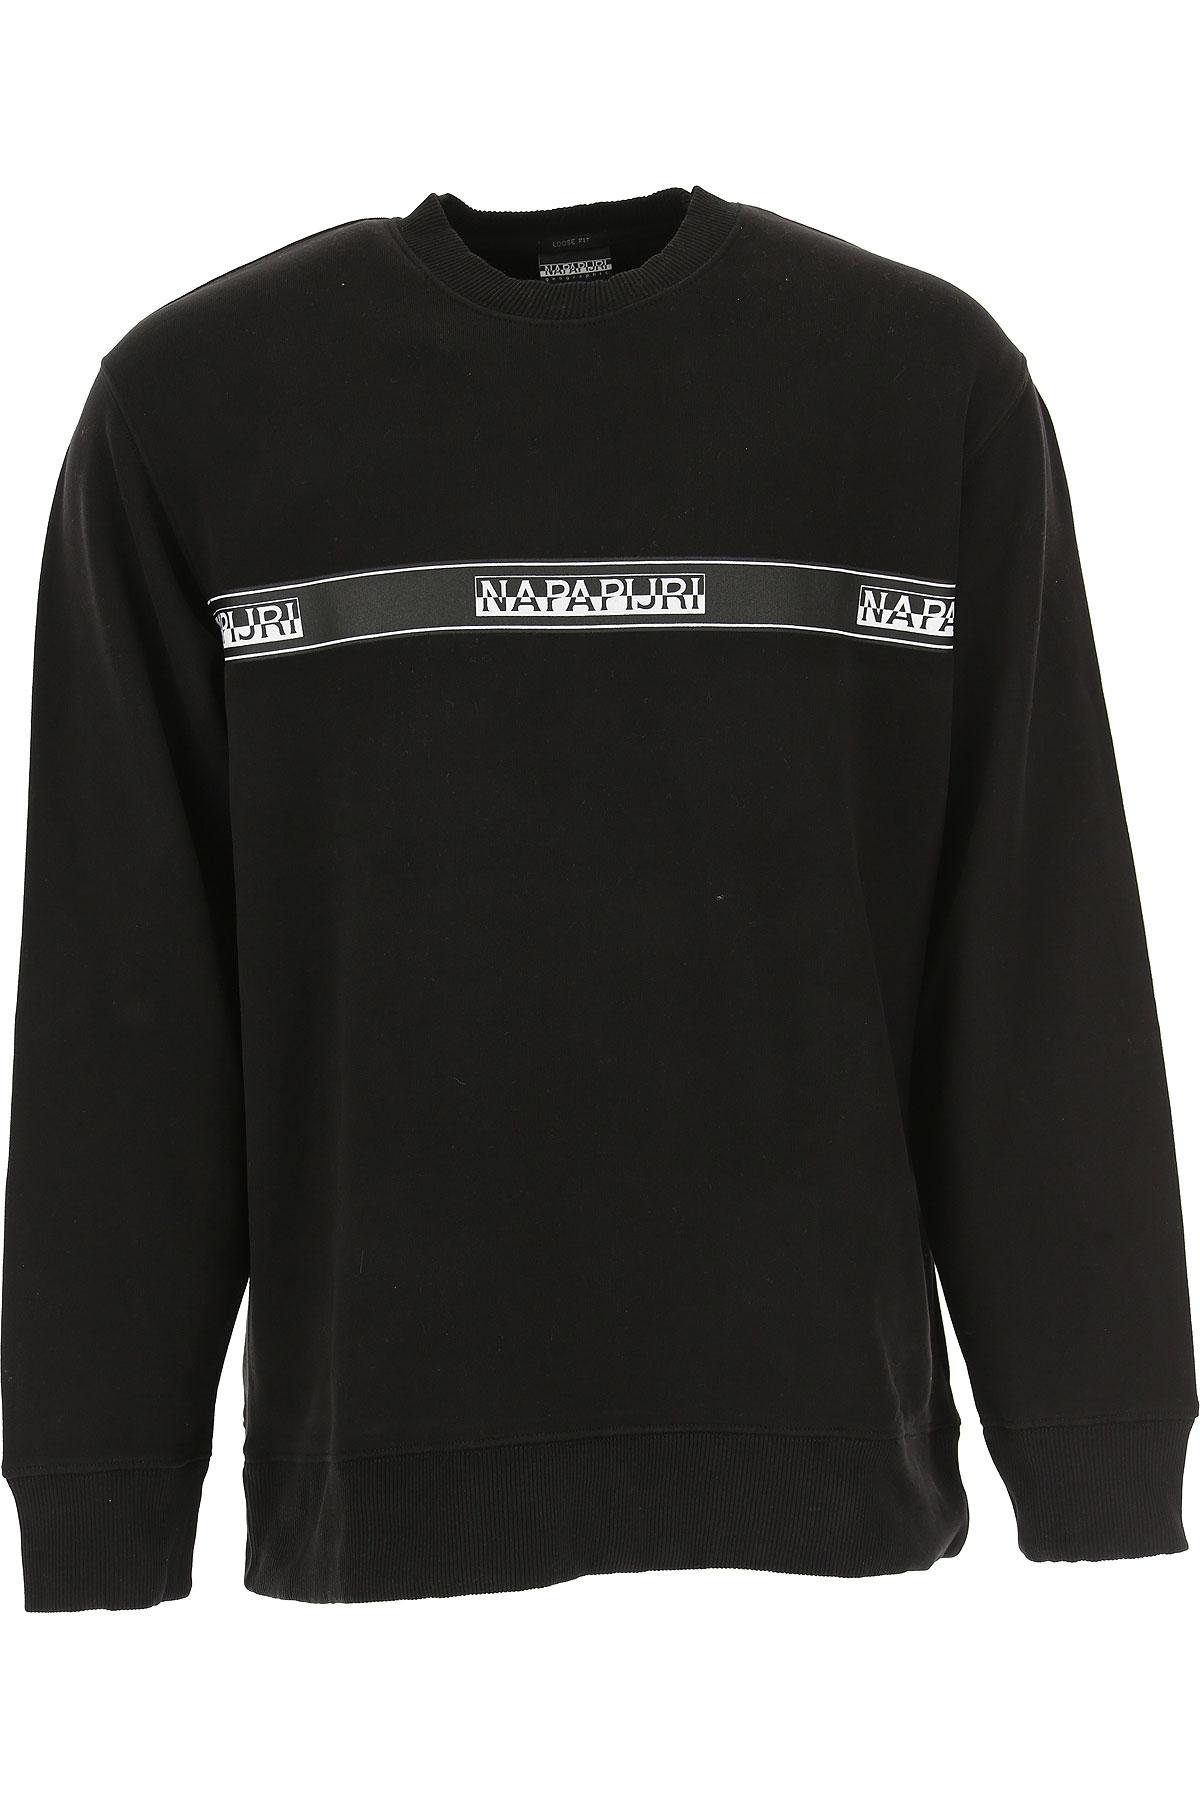 Image of Napapijri Sweatshirt for Men, Black, Cotton, 2017, L M S XL